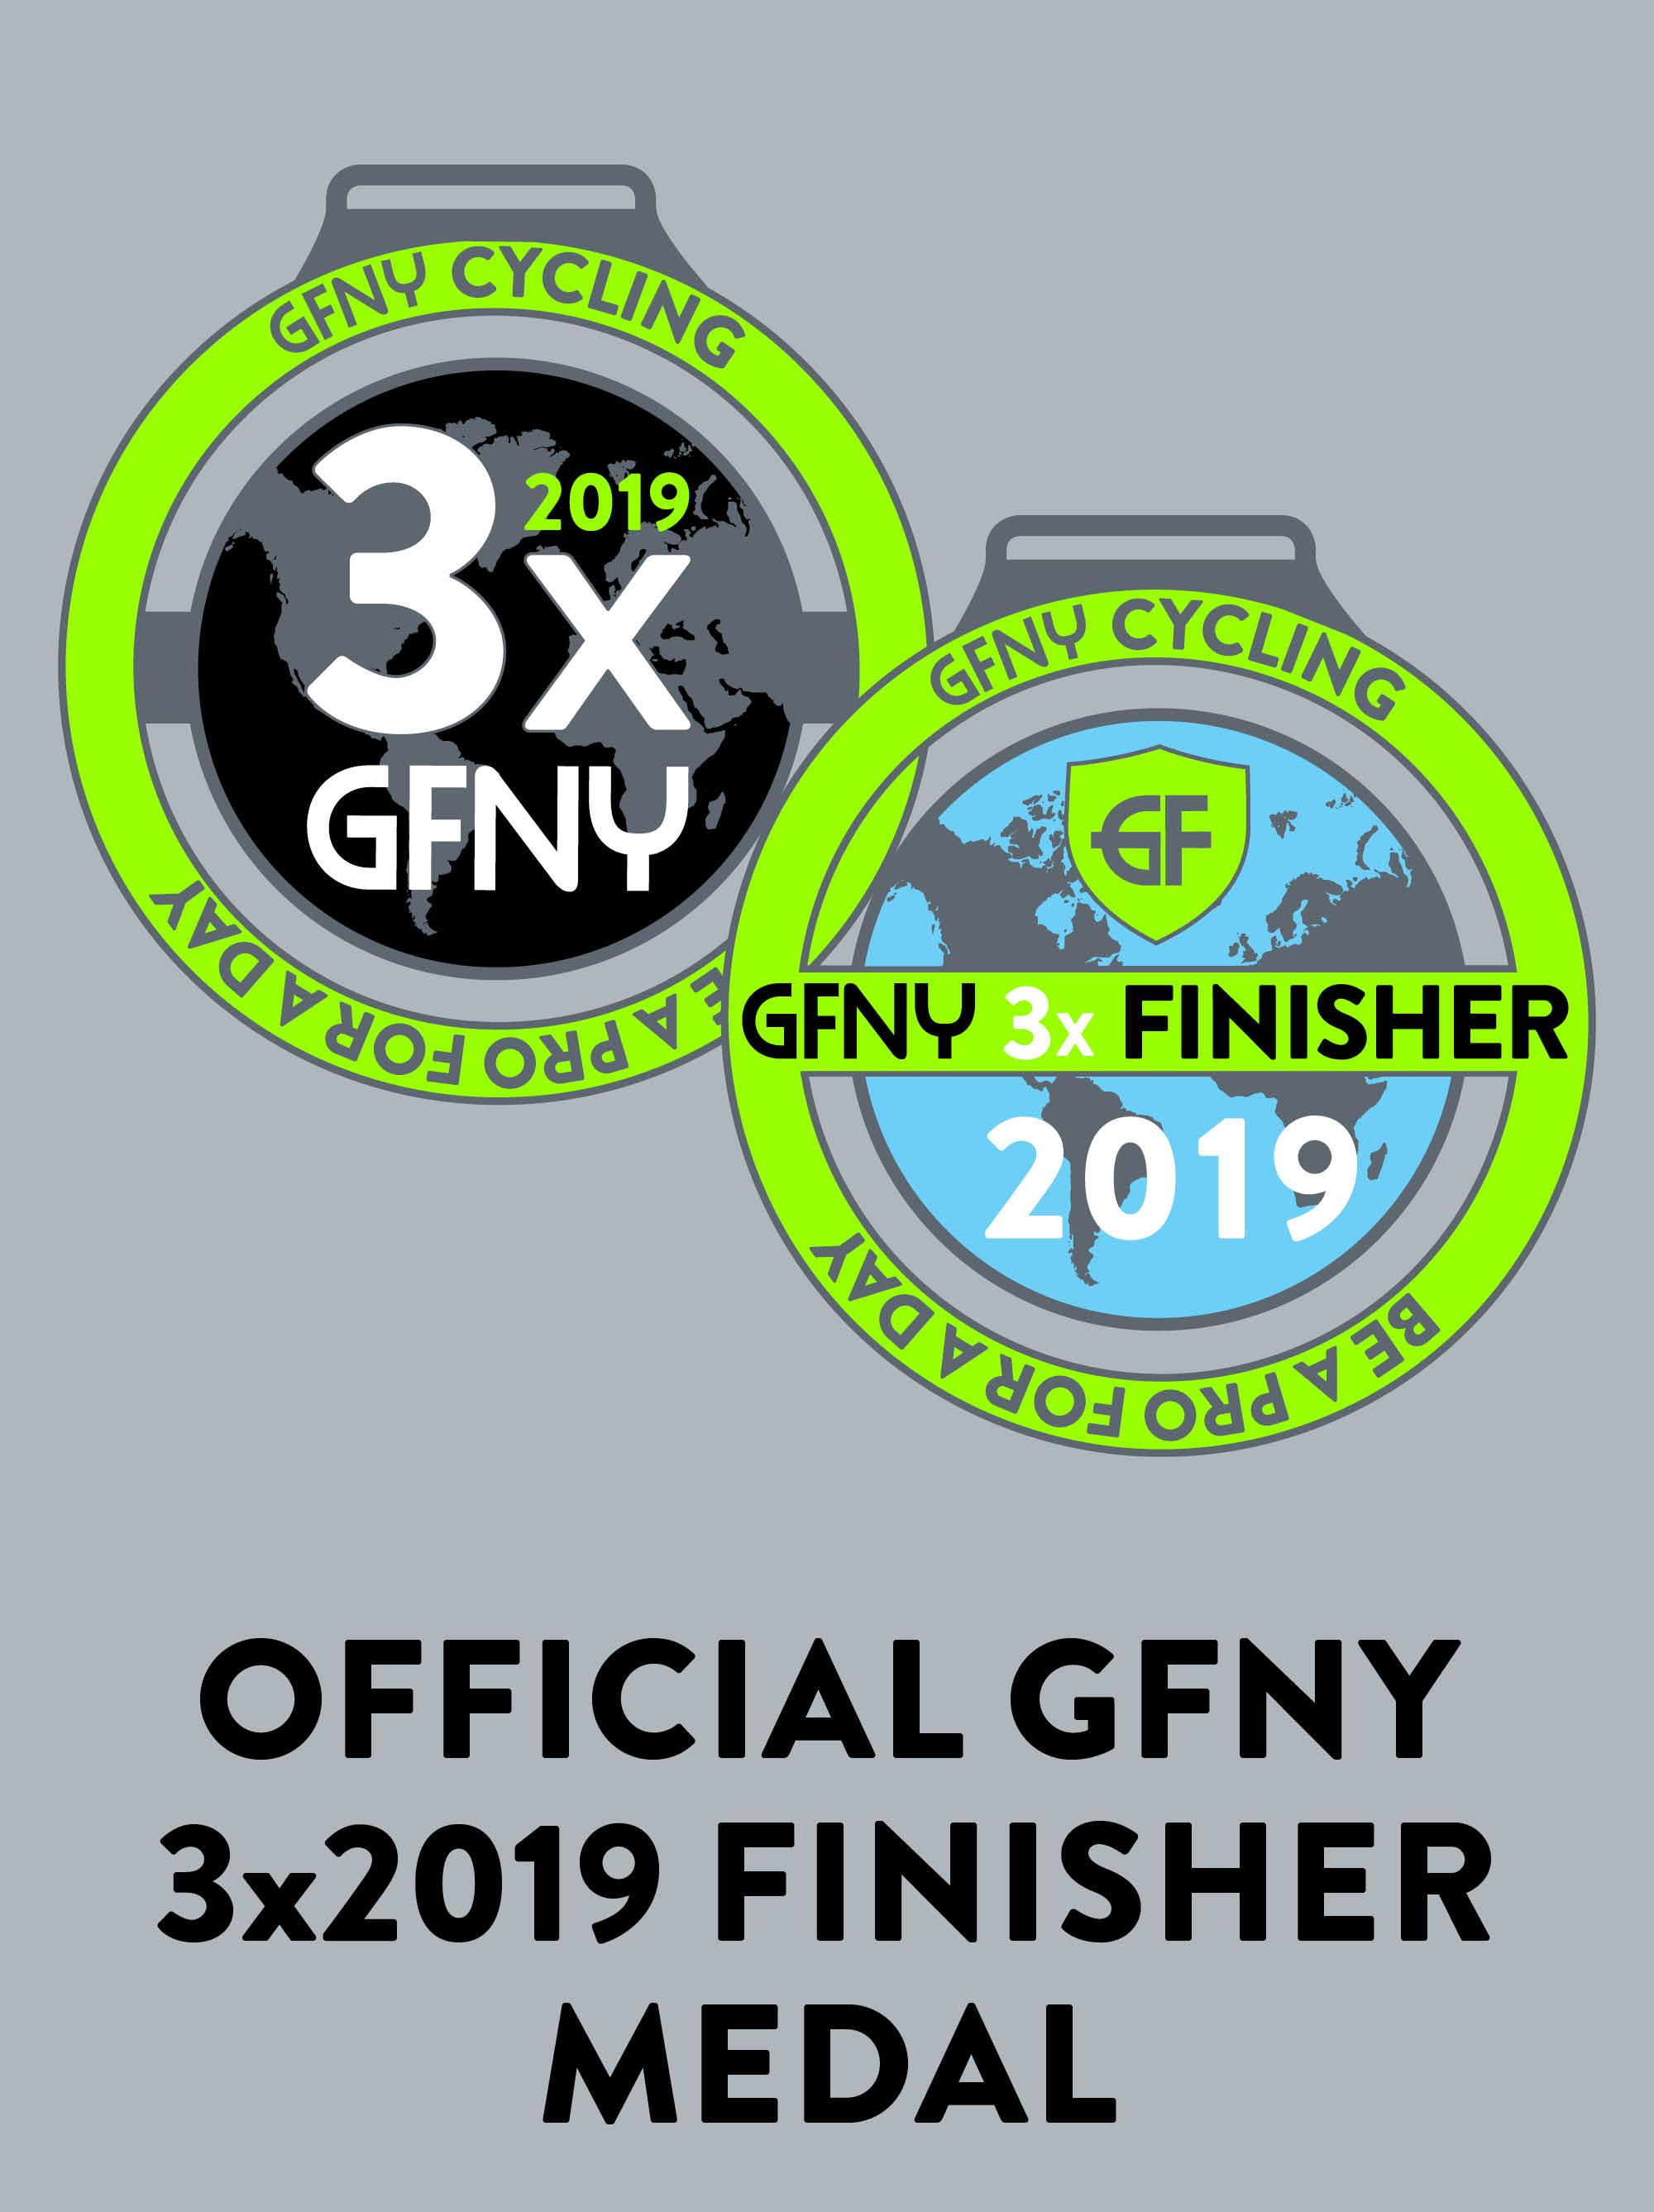 GFNY World Championship New York City   GFNY Cycling